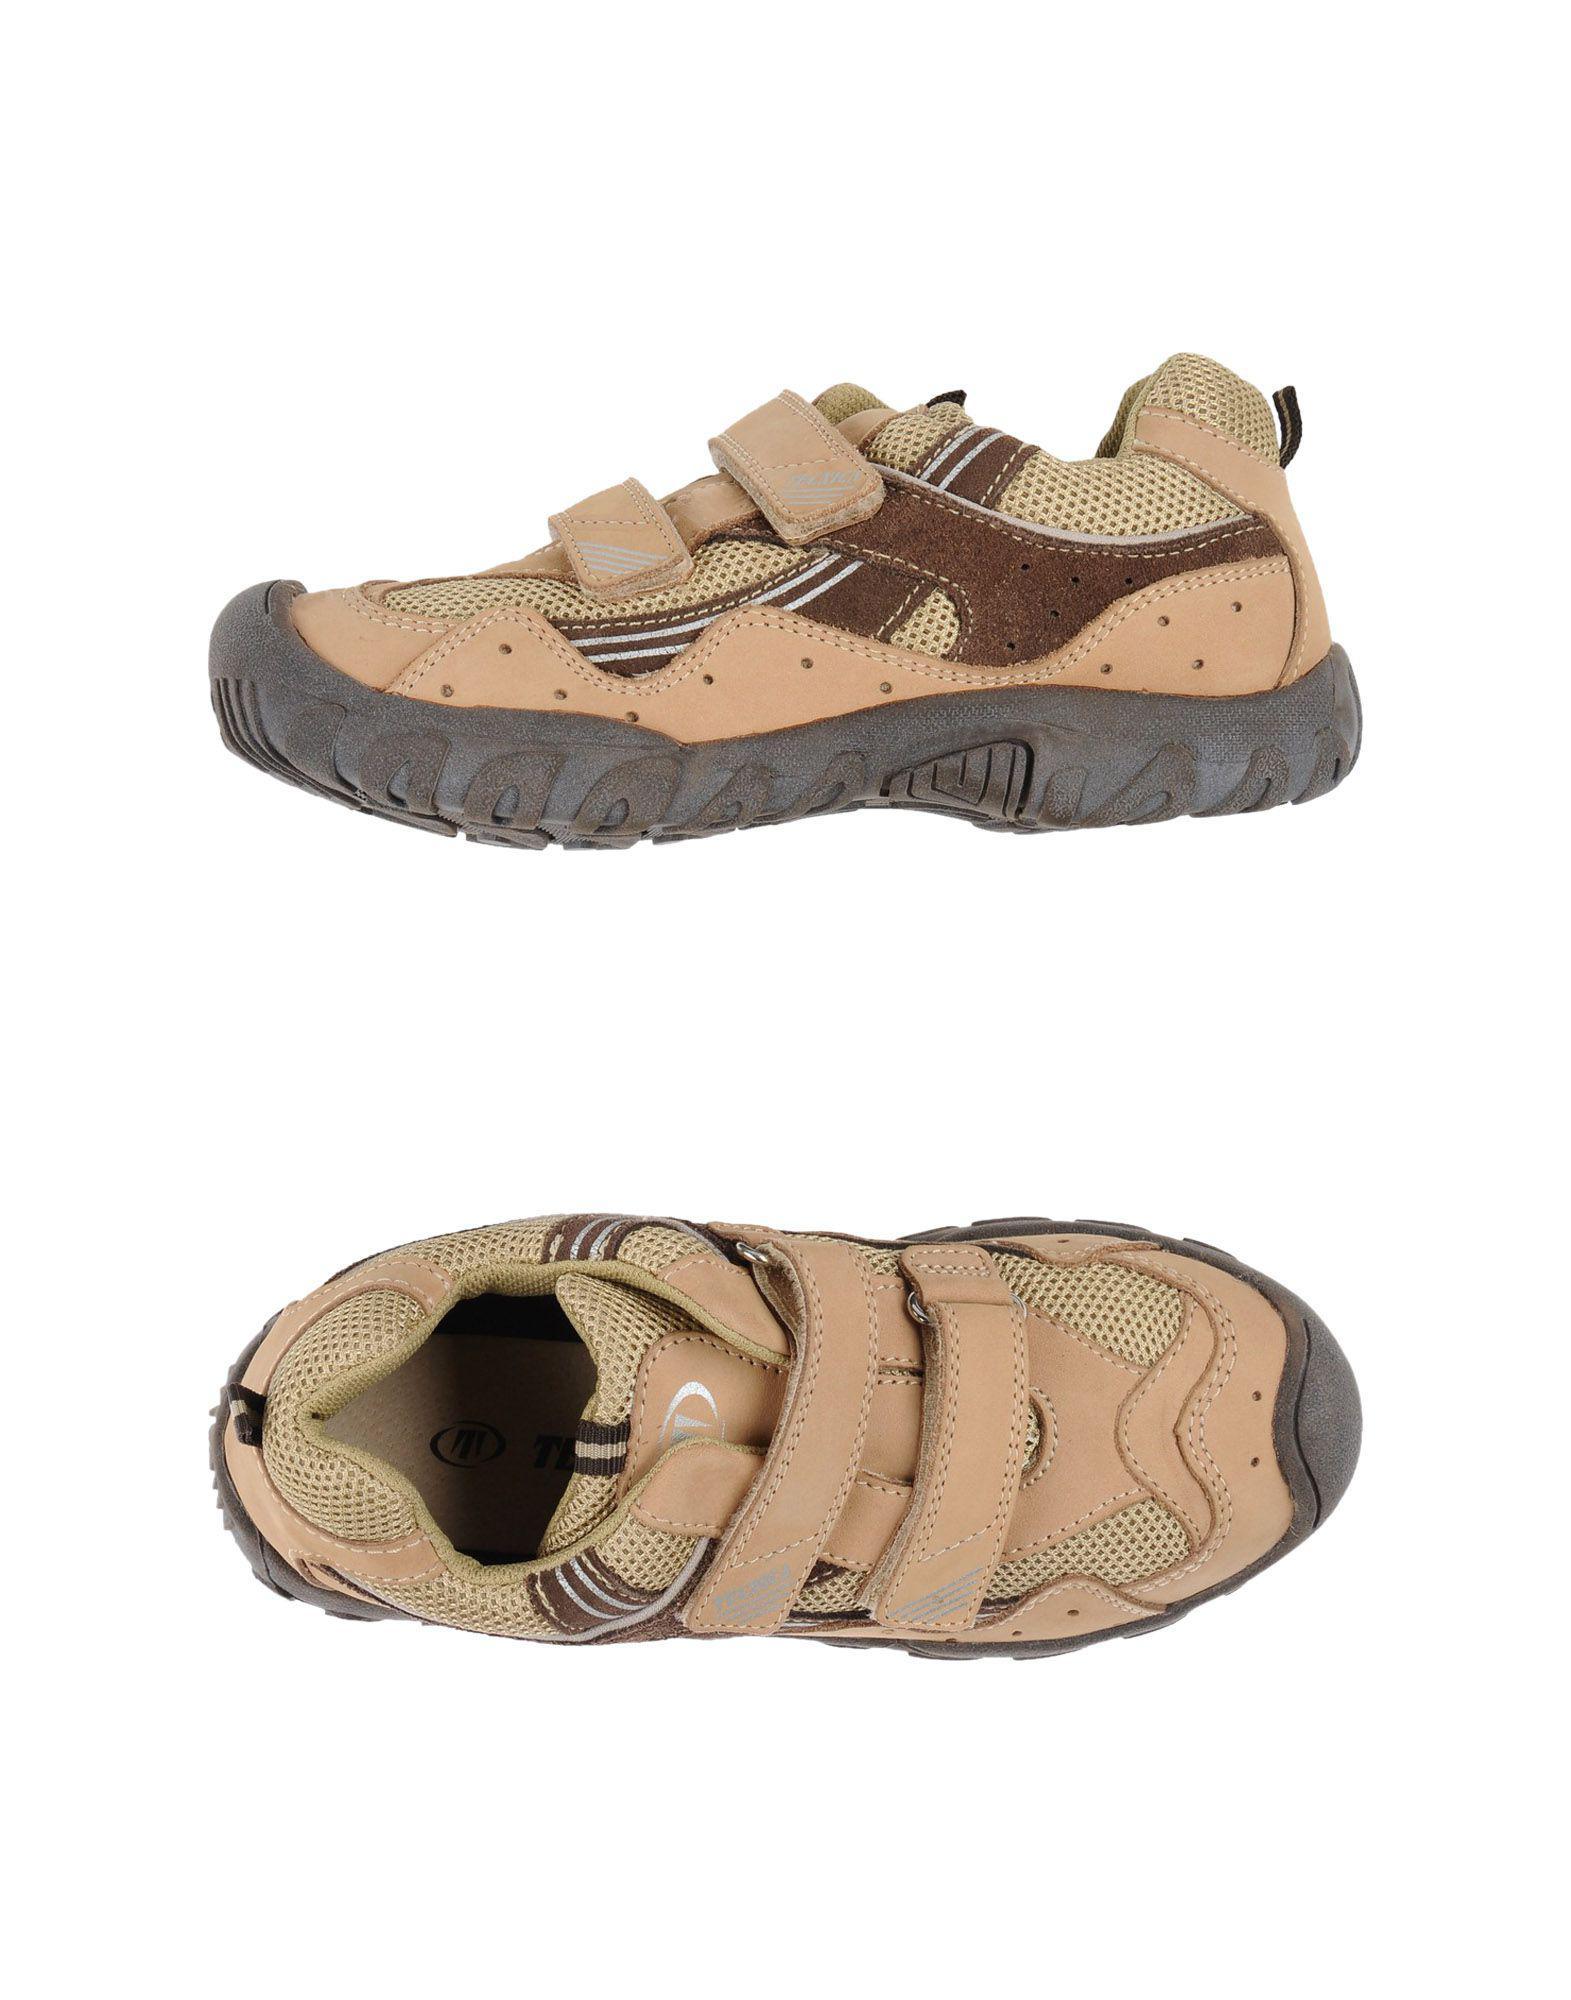 FOOTWEAR - Low-tops & sneakers Tecnica ESfyGf